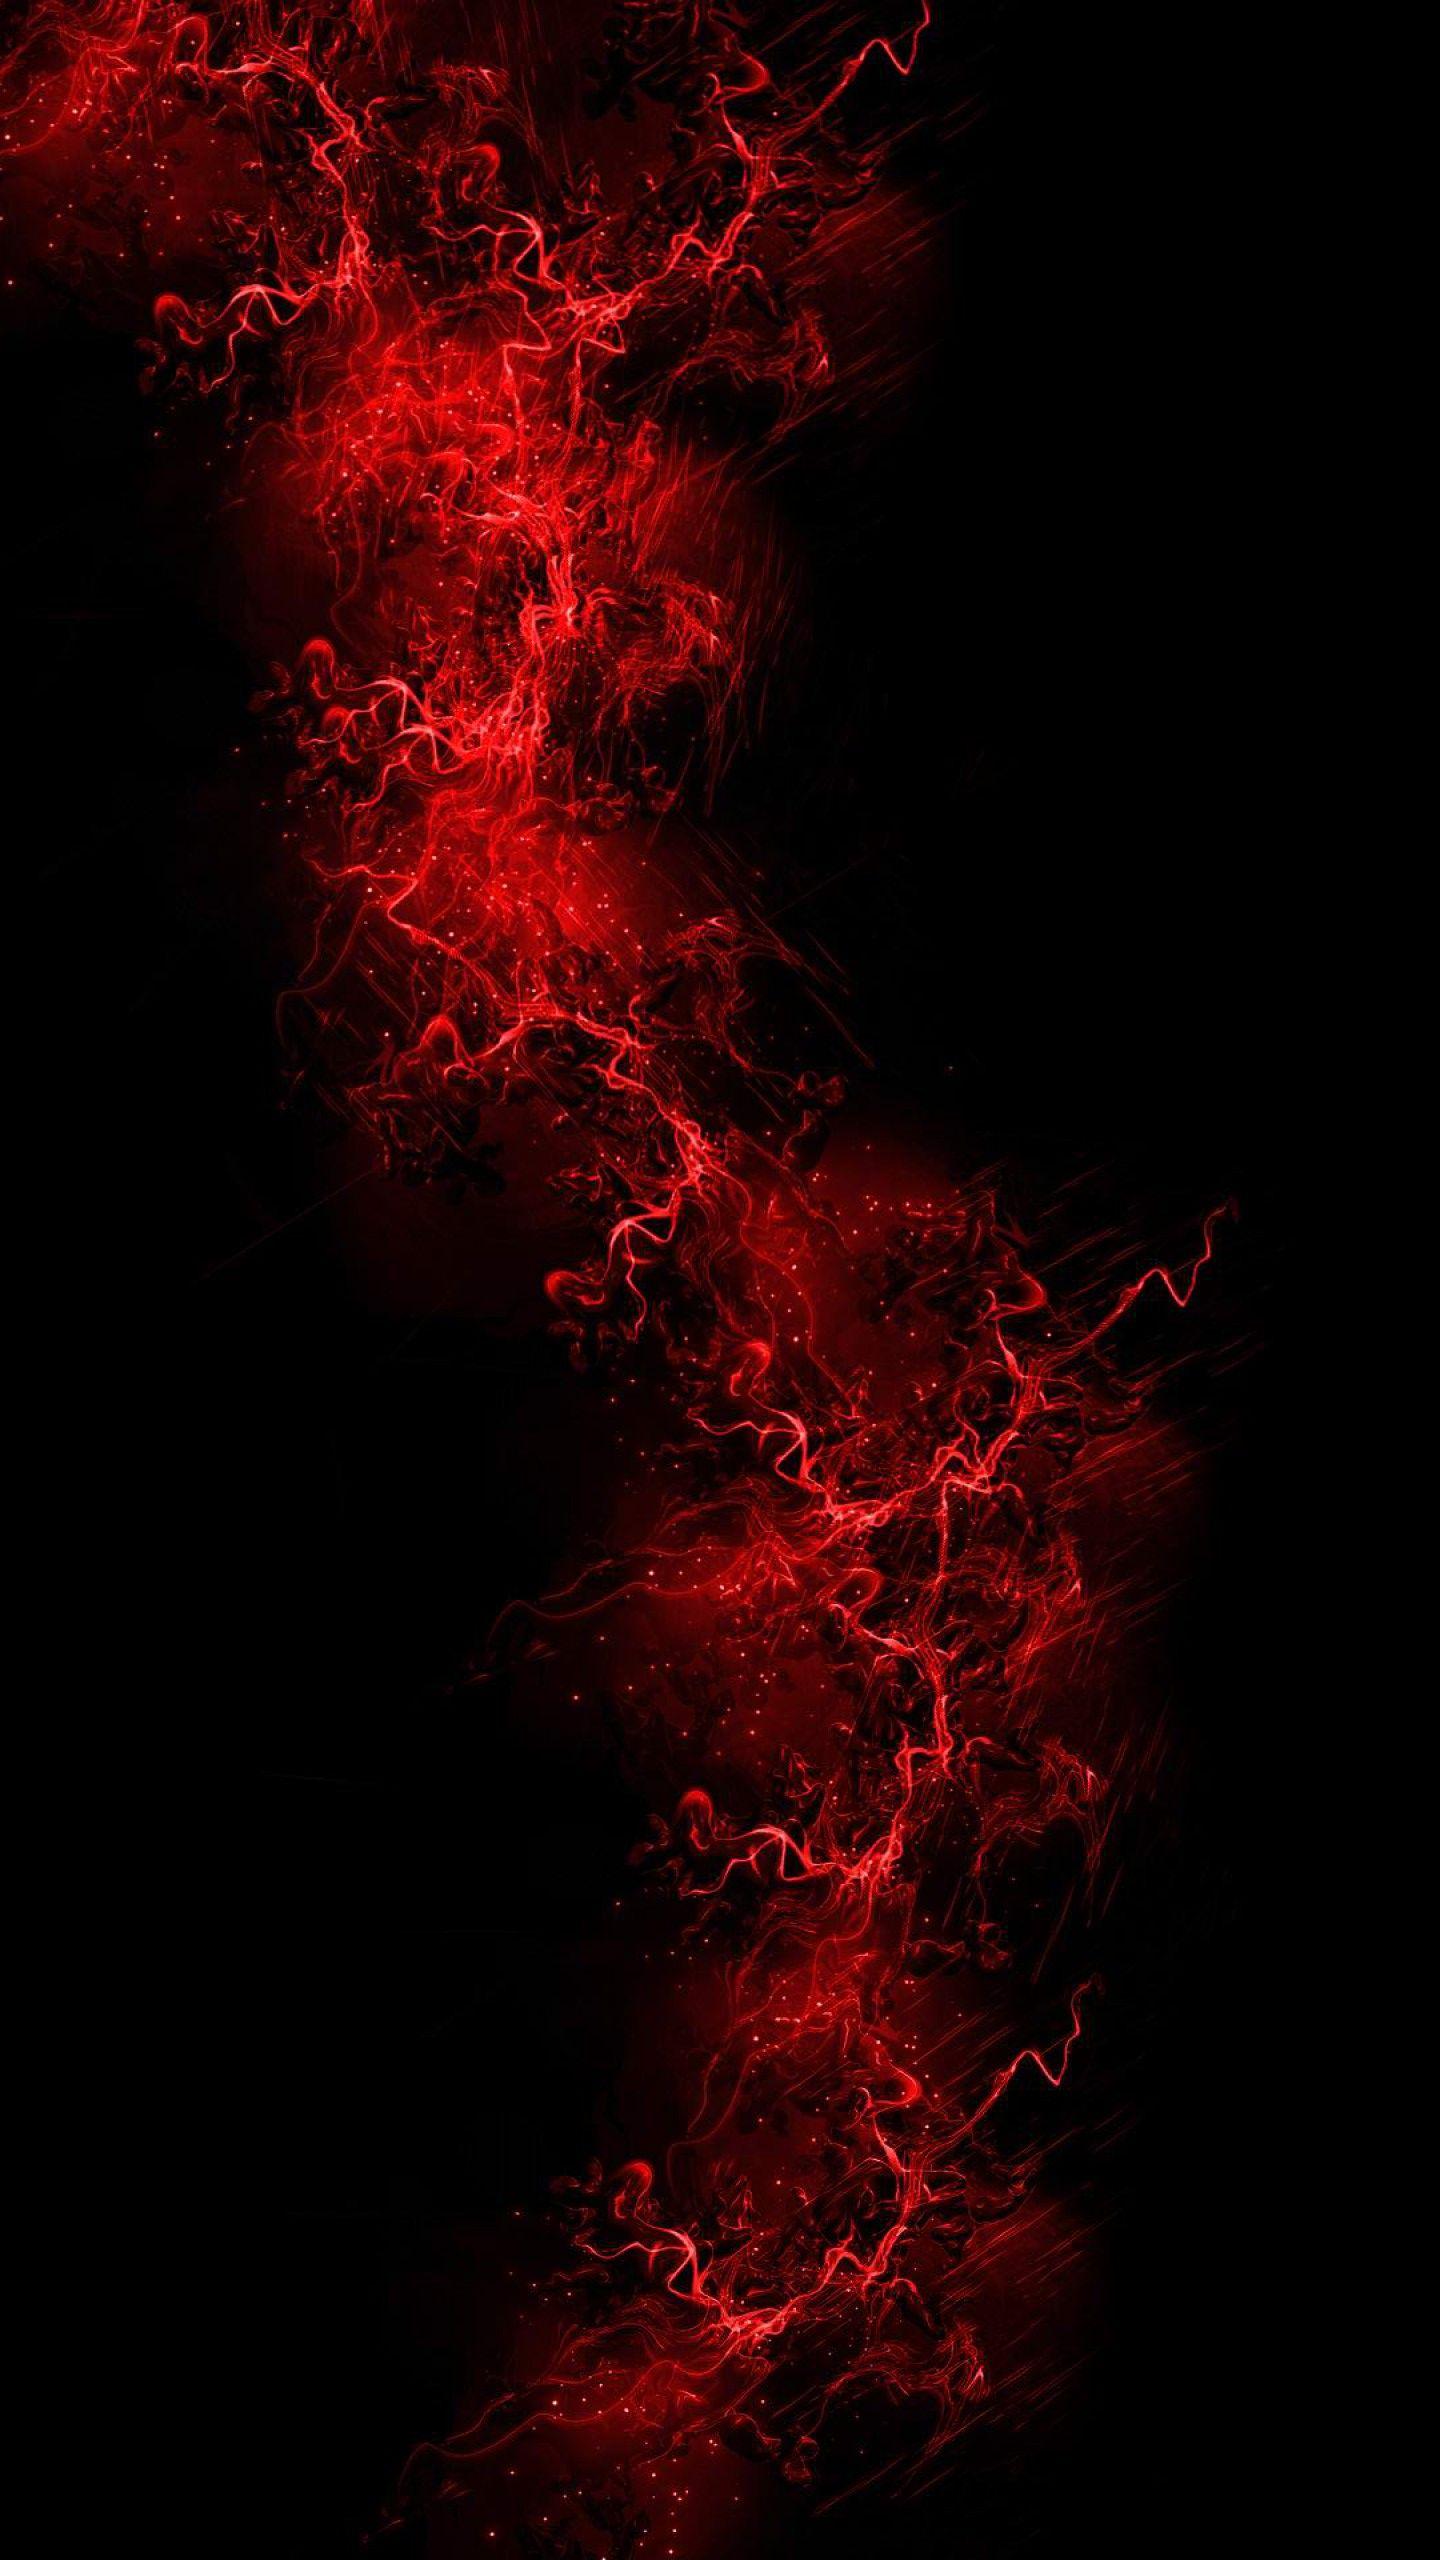 Картинки на телефон красные с черным